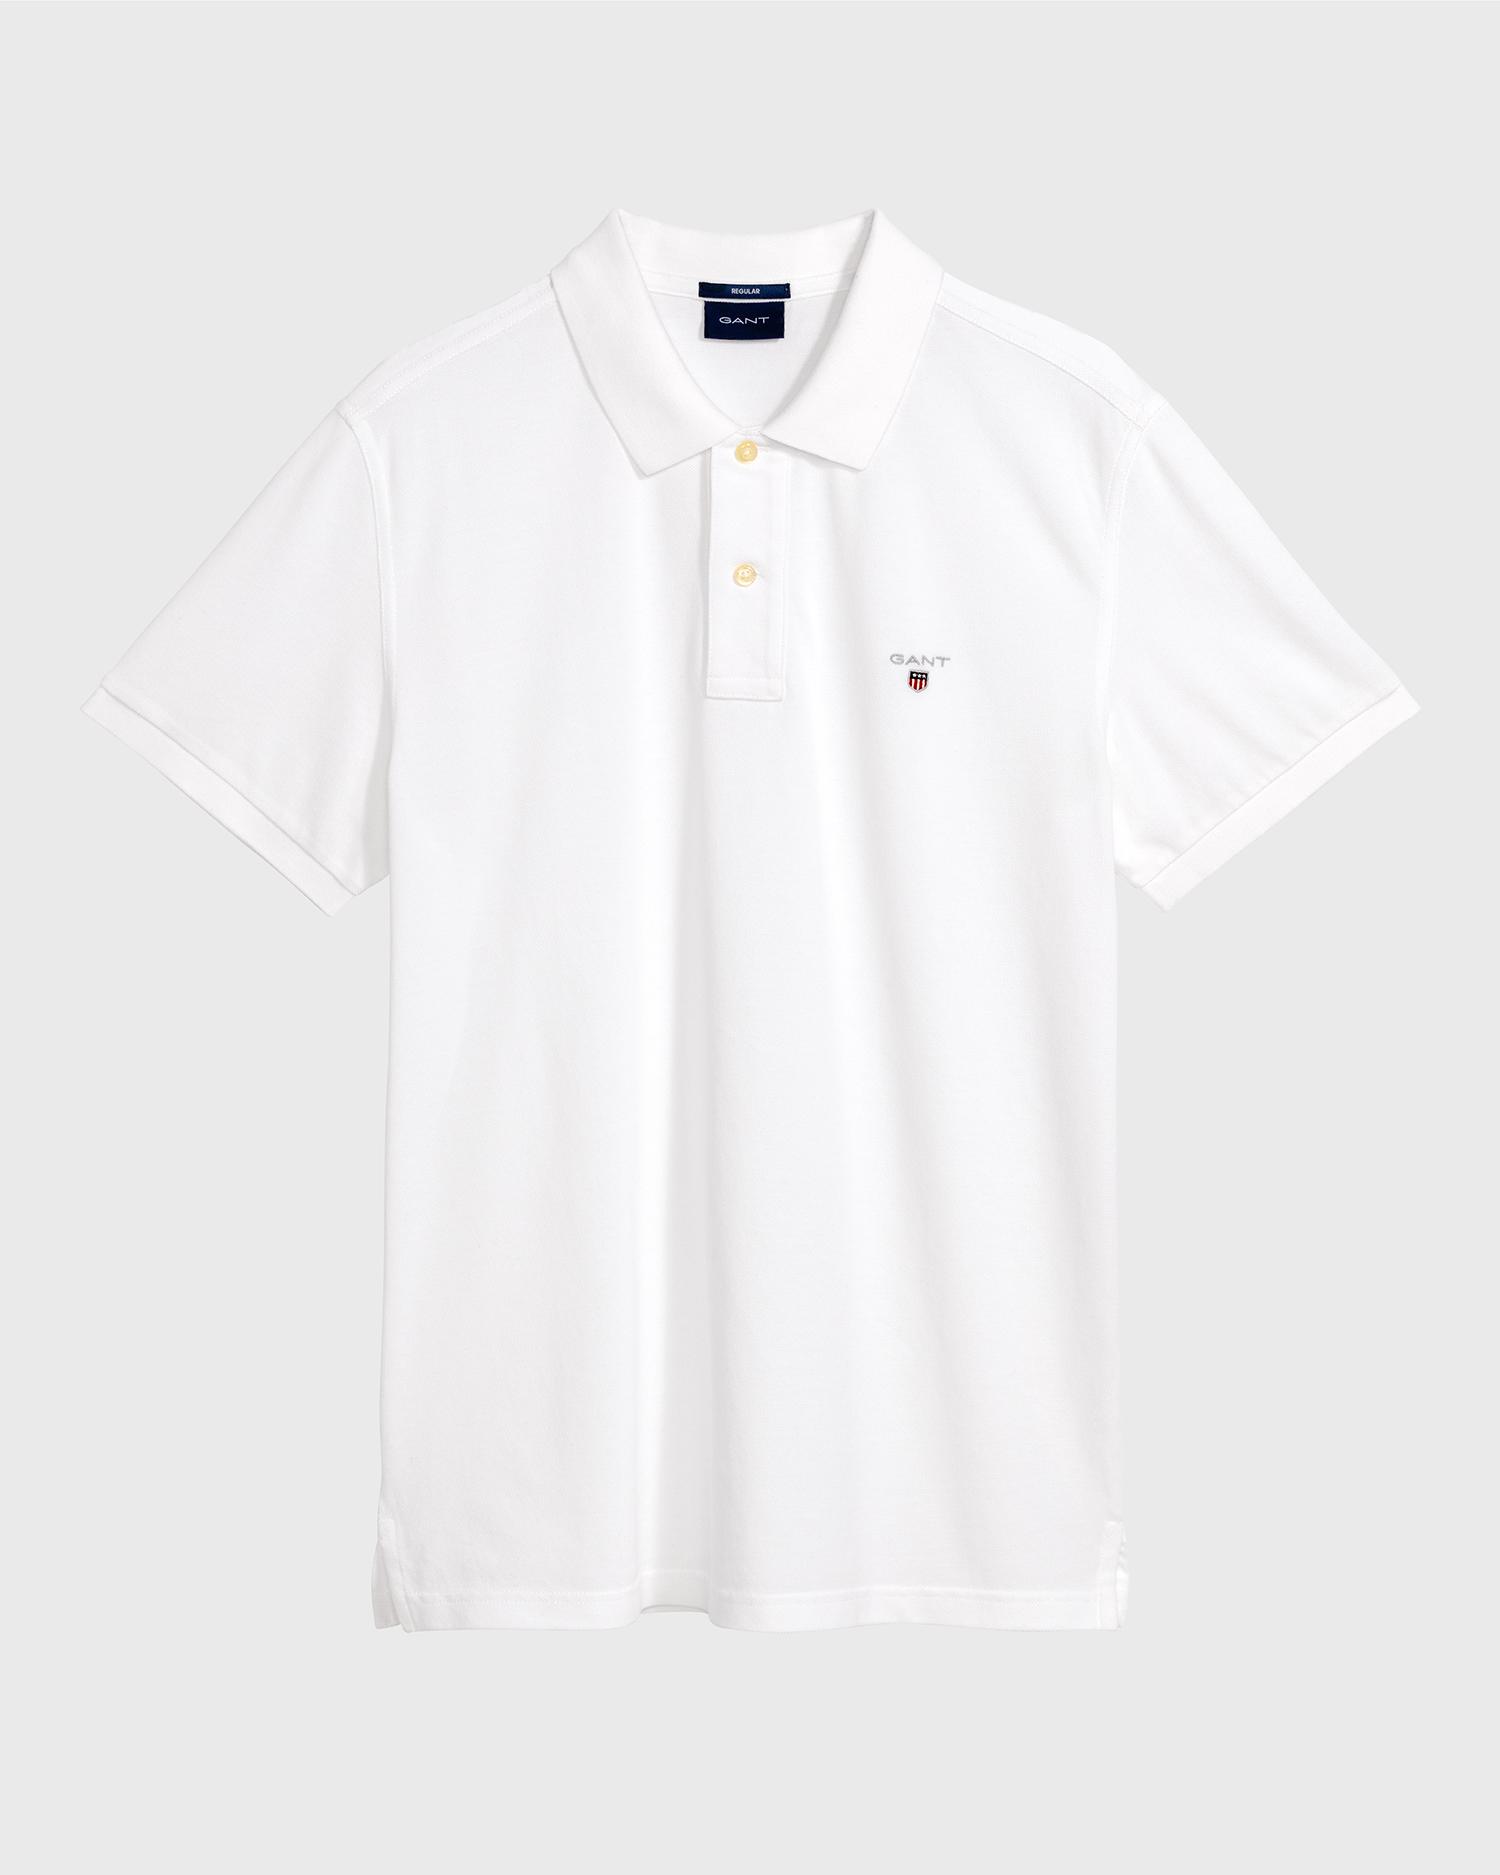 GANT Pique polo, white, medium